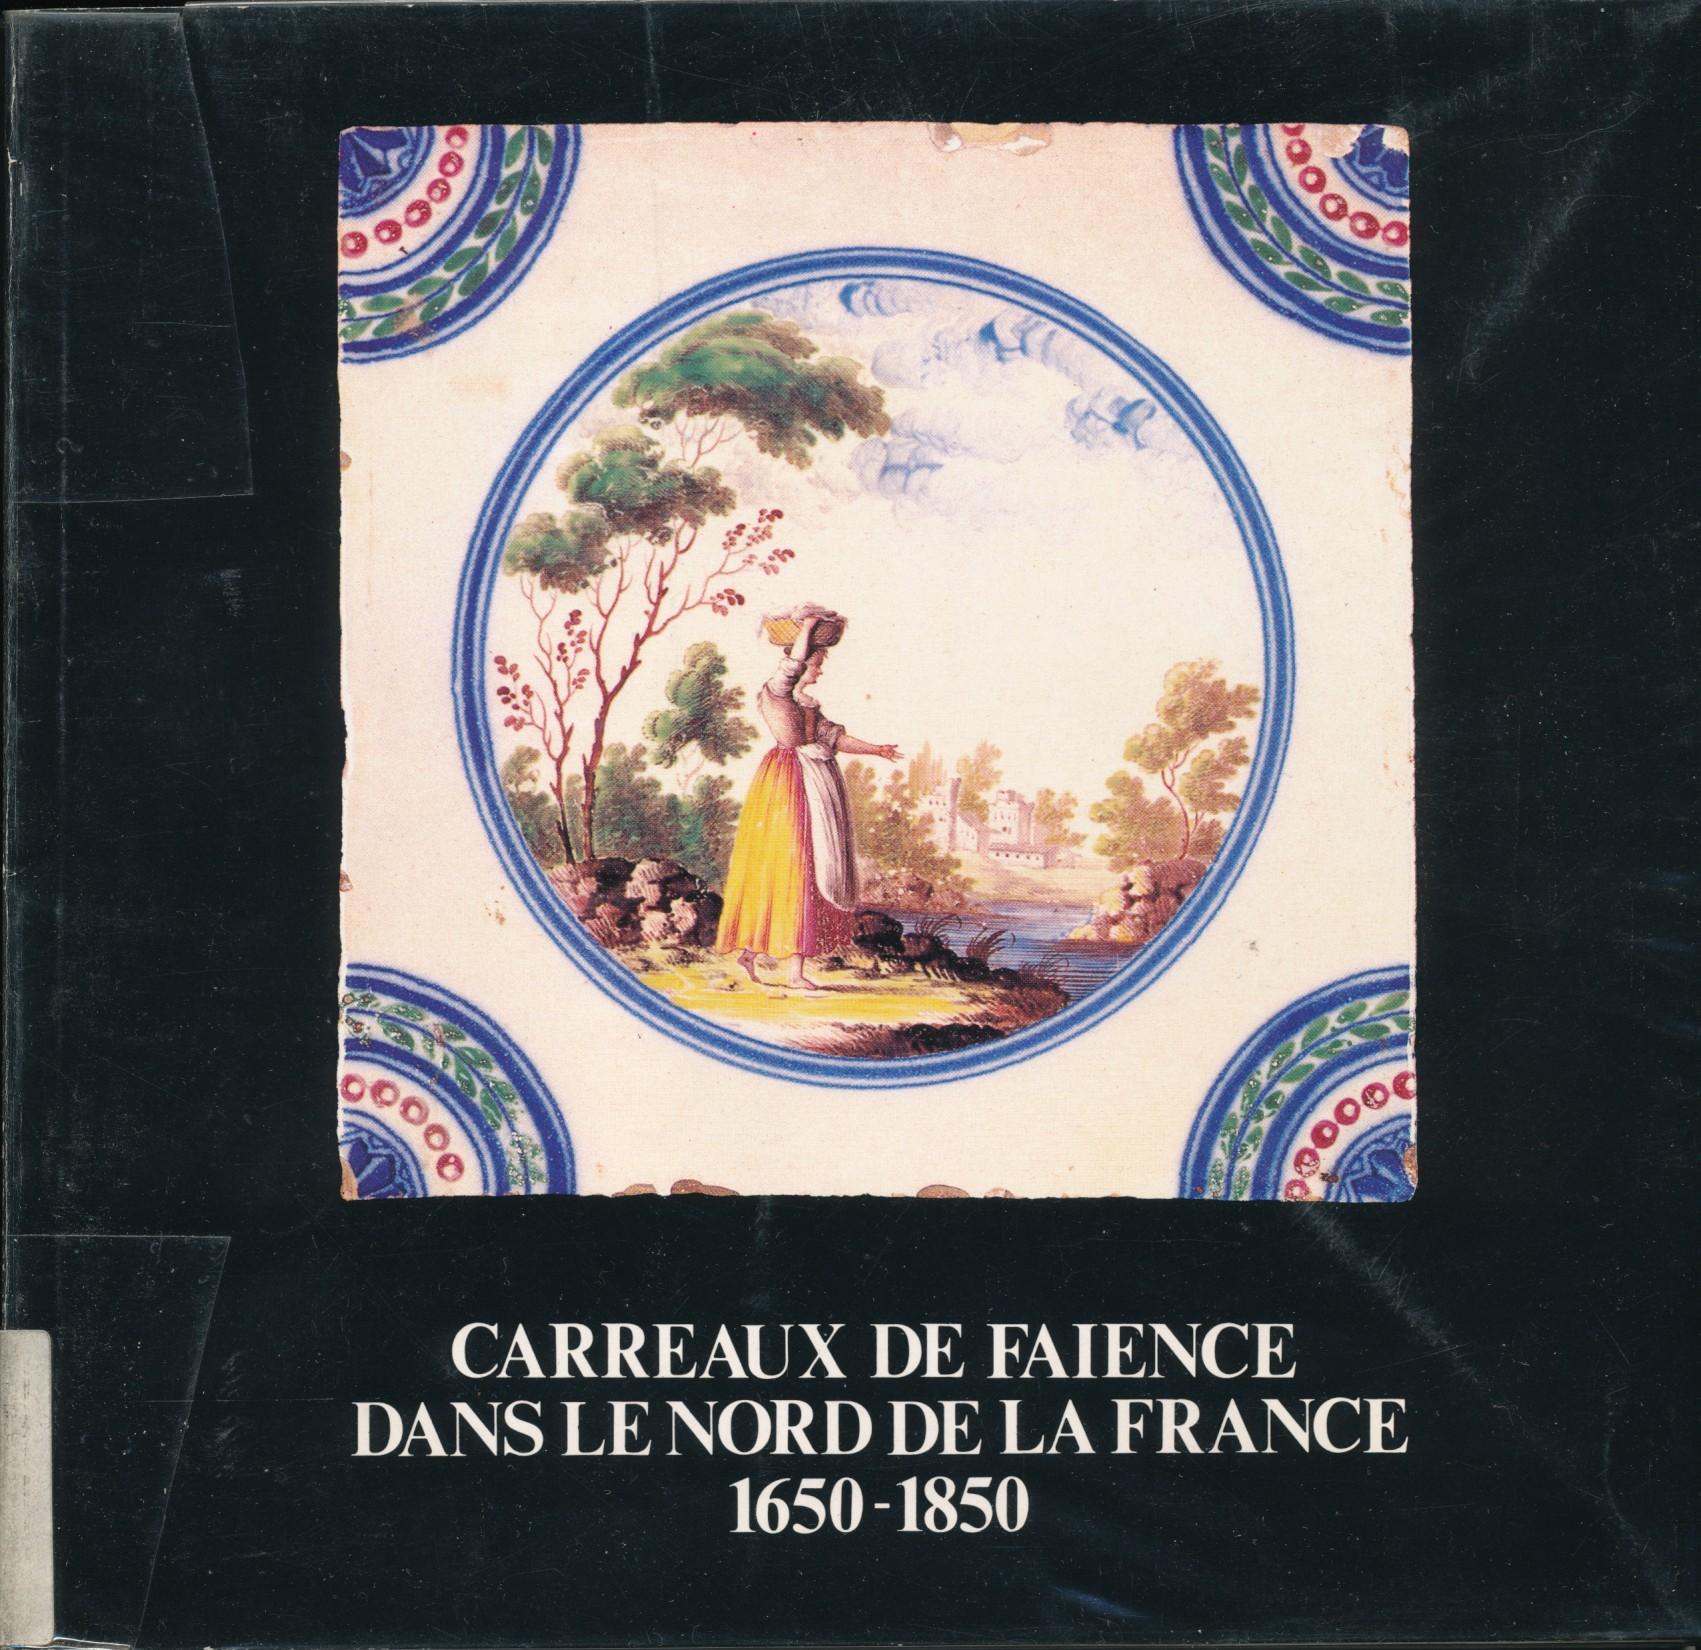 Carreaux de faïence dans le Nord de la France 1650-1850 |